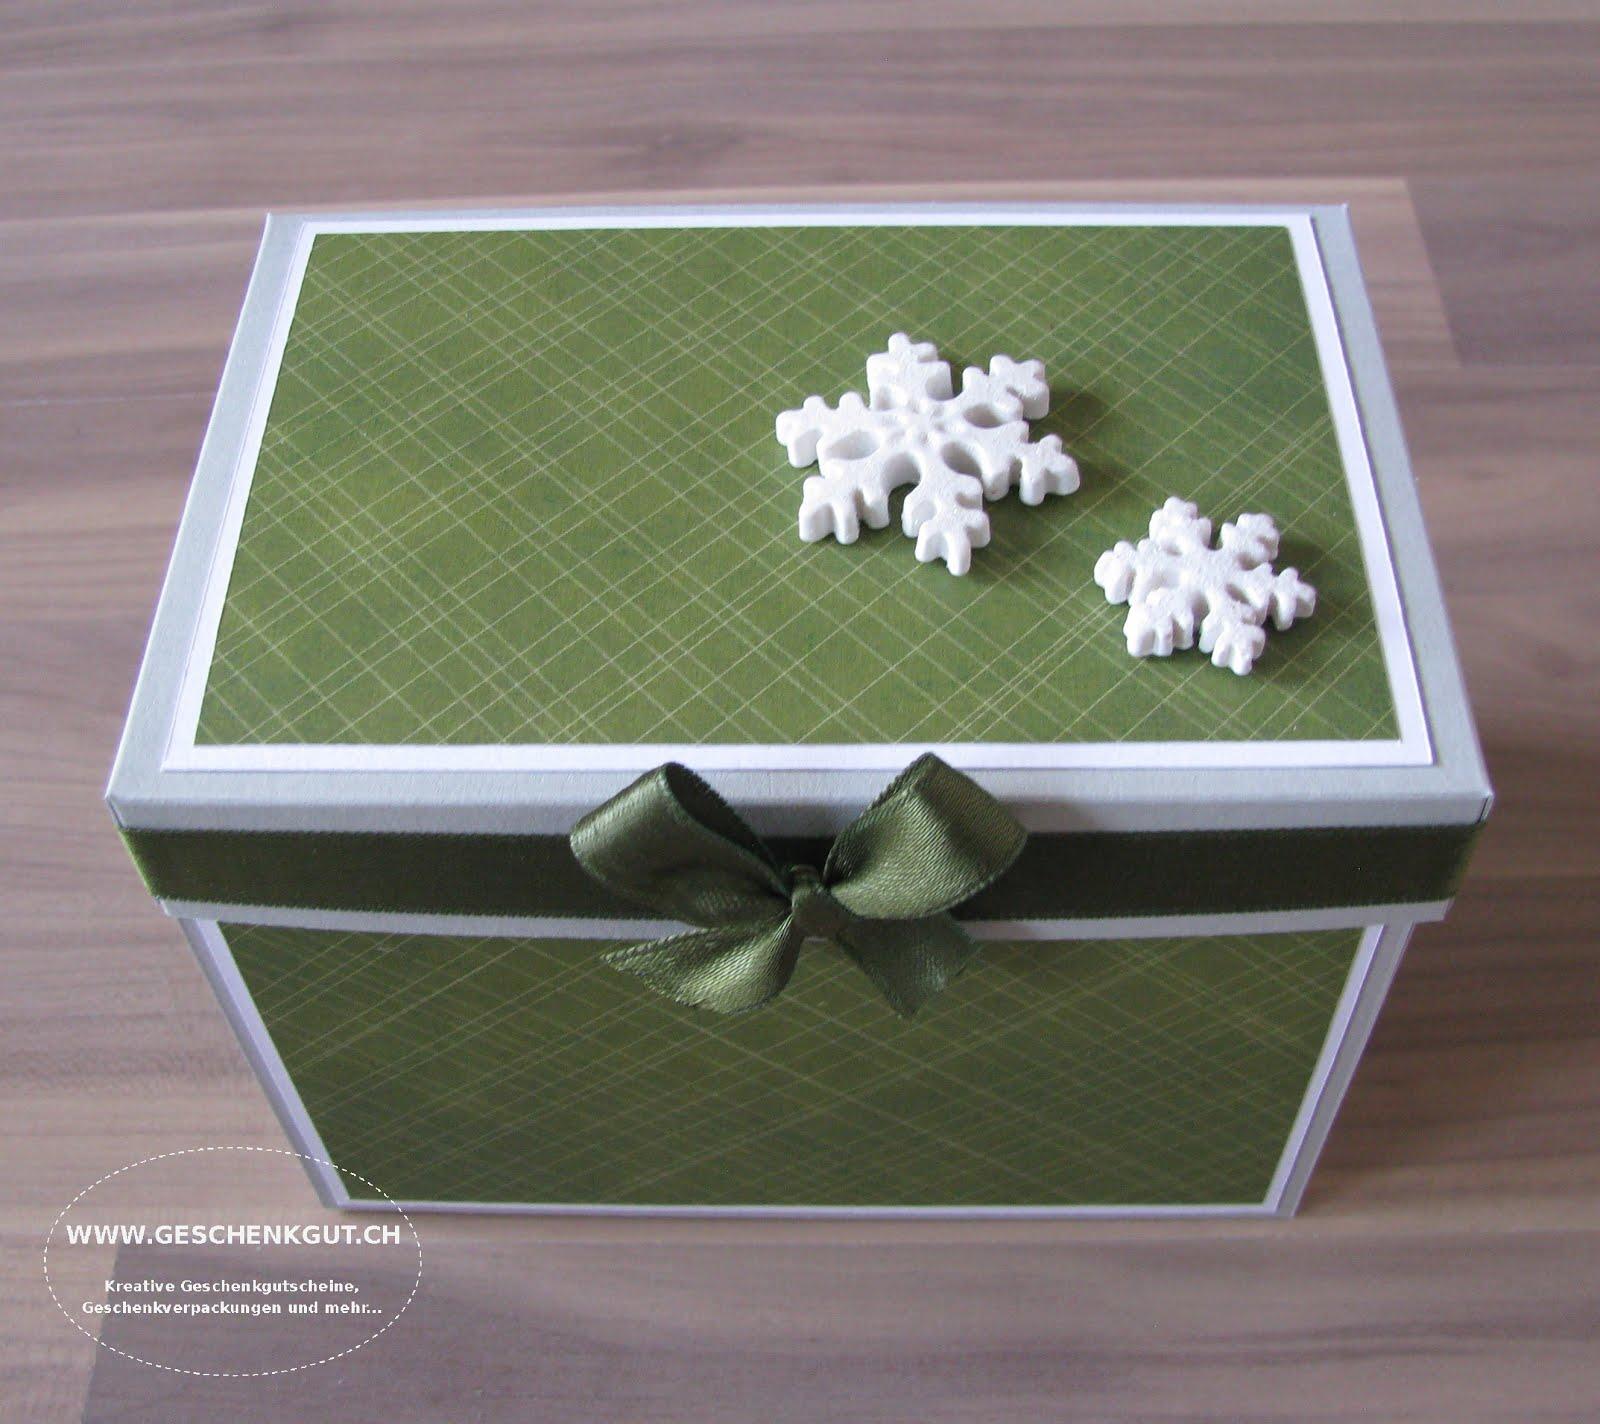 geschenkgut shop geschenkverpackungen. Black Bedroom Furniture Sets. Home Design Ideas